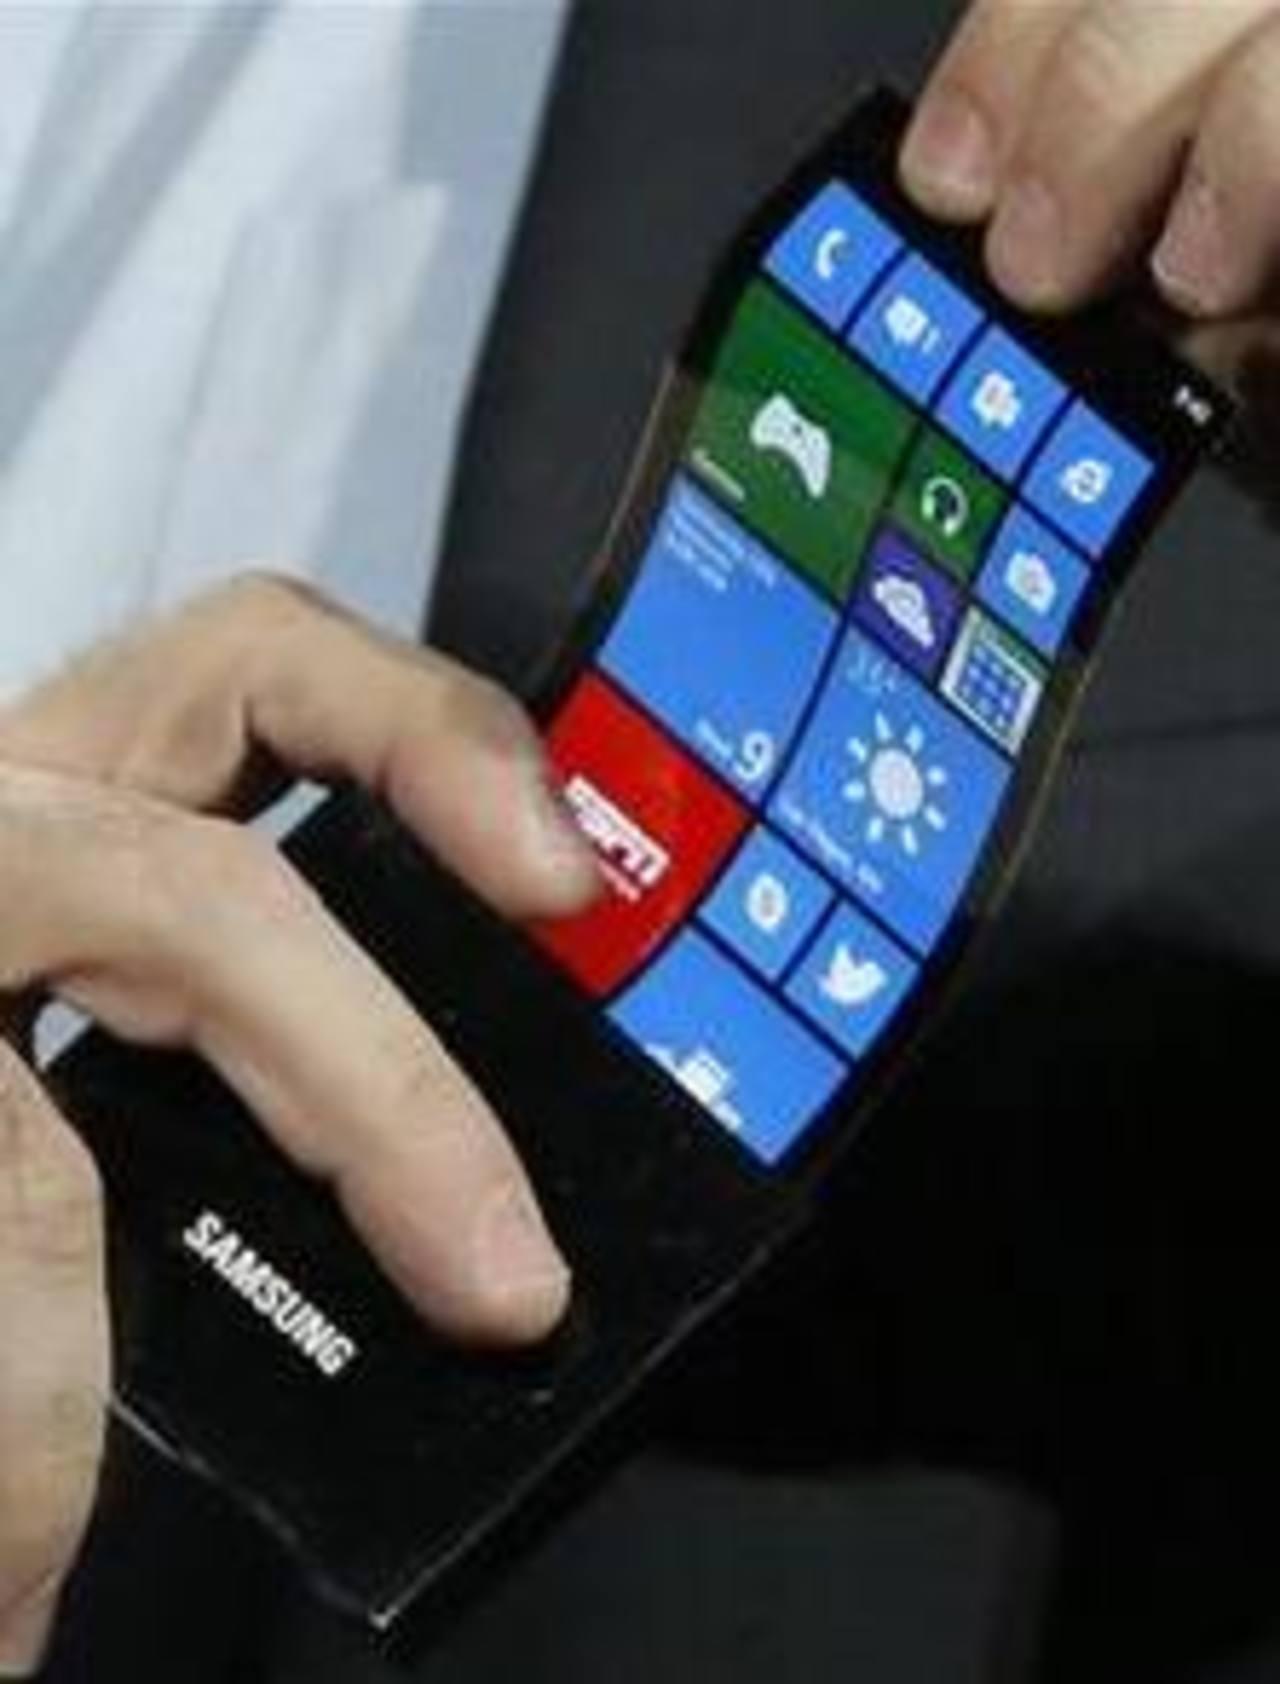 Samsung muestra pantalla flexible de celular | elsalvador.com